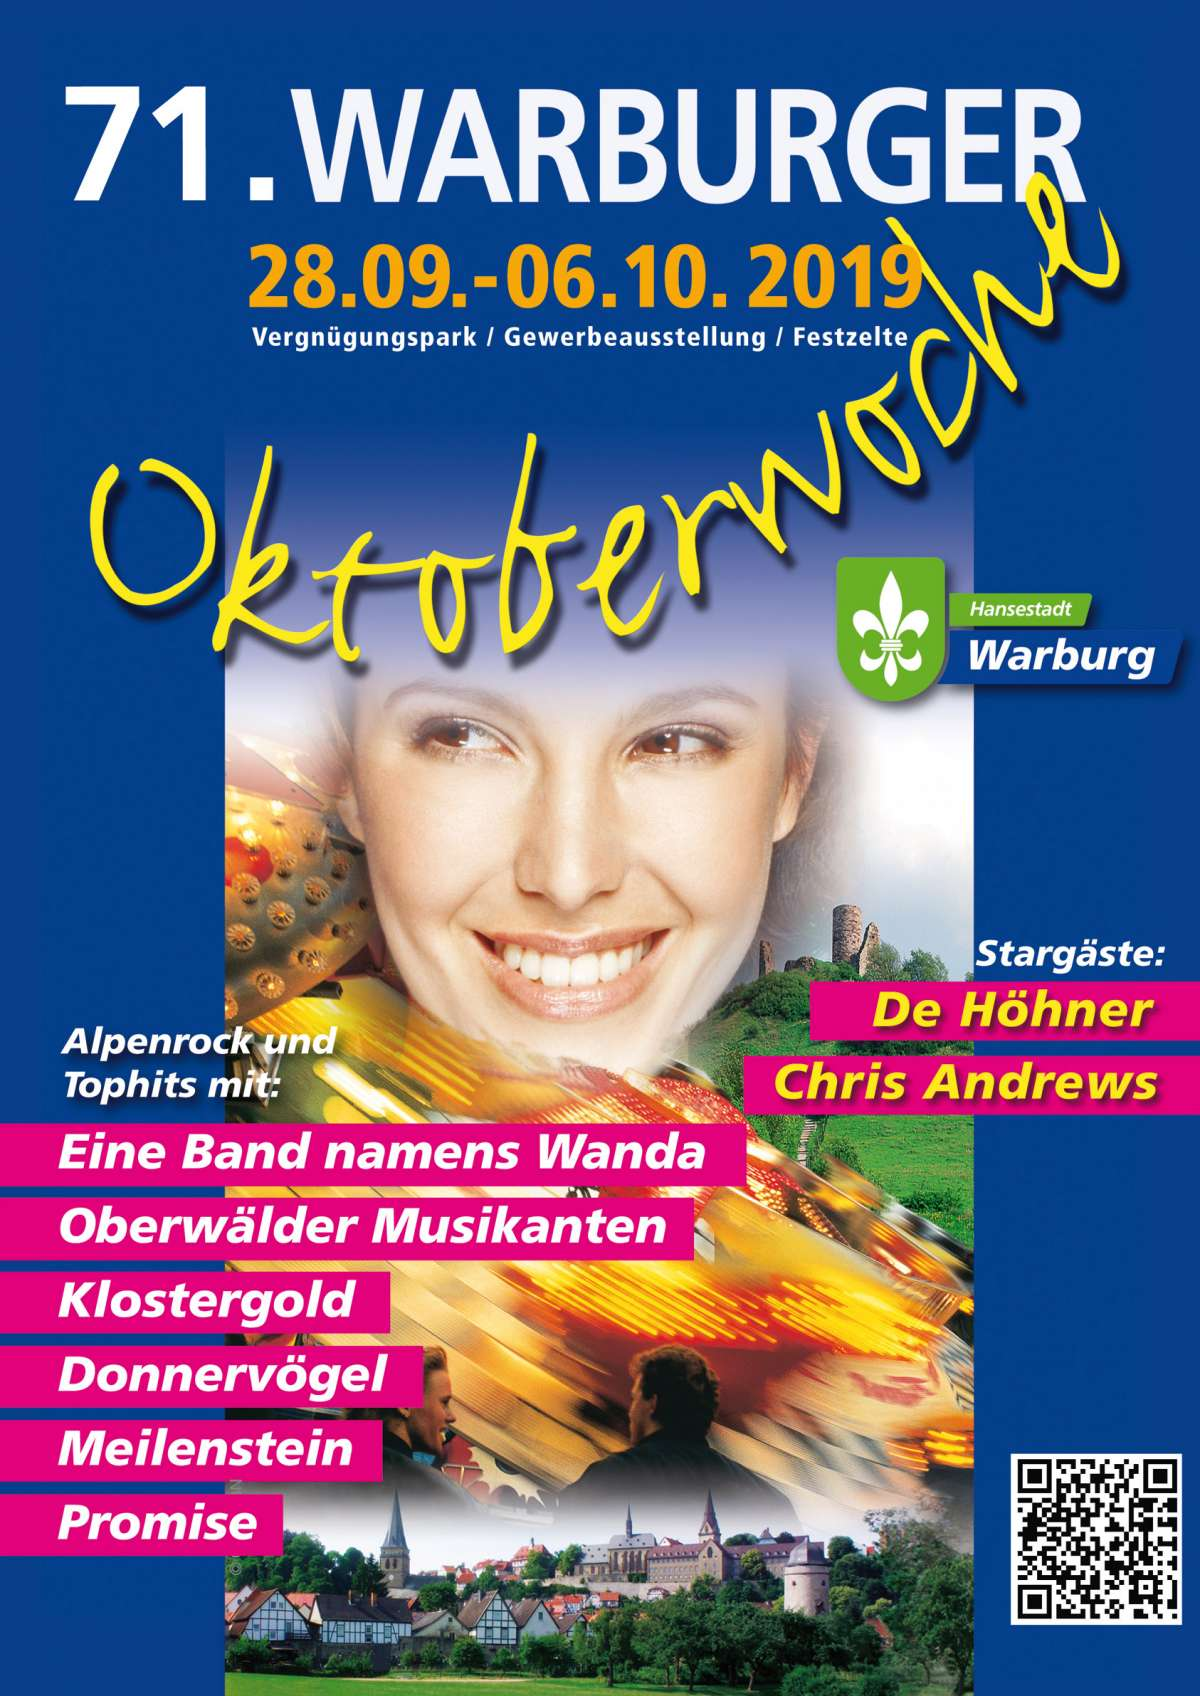 Veranstaltungen & Events in Warburg